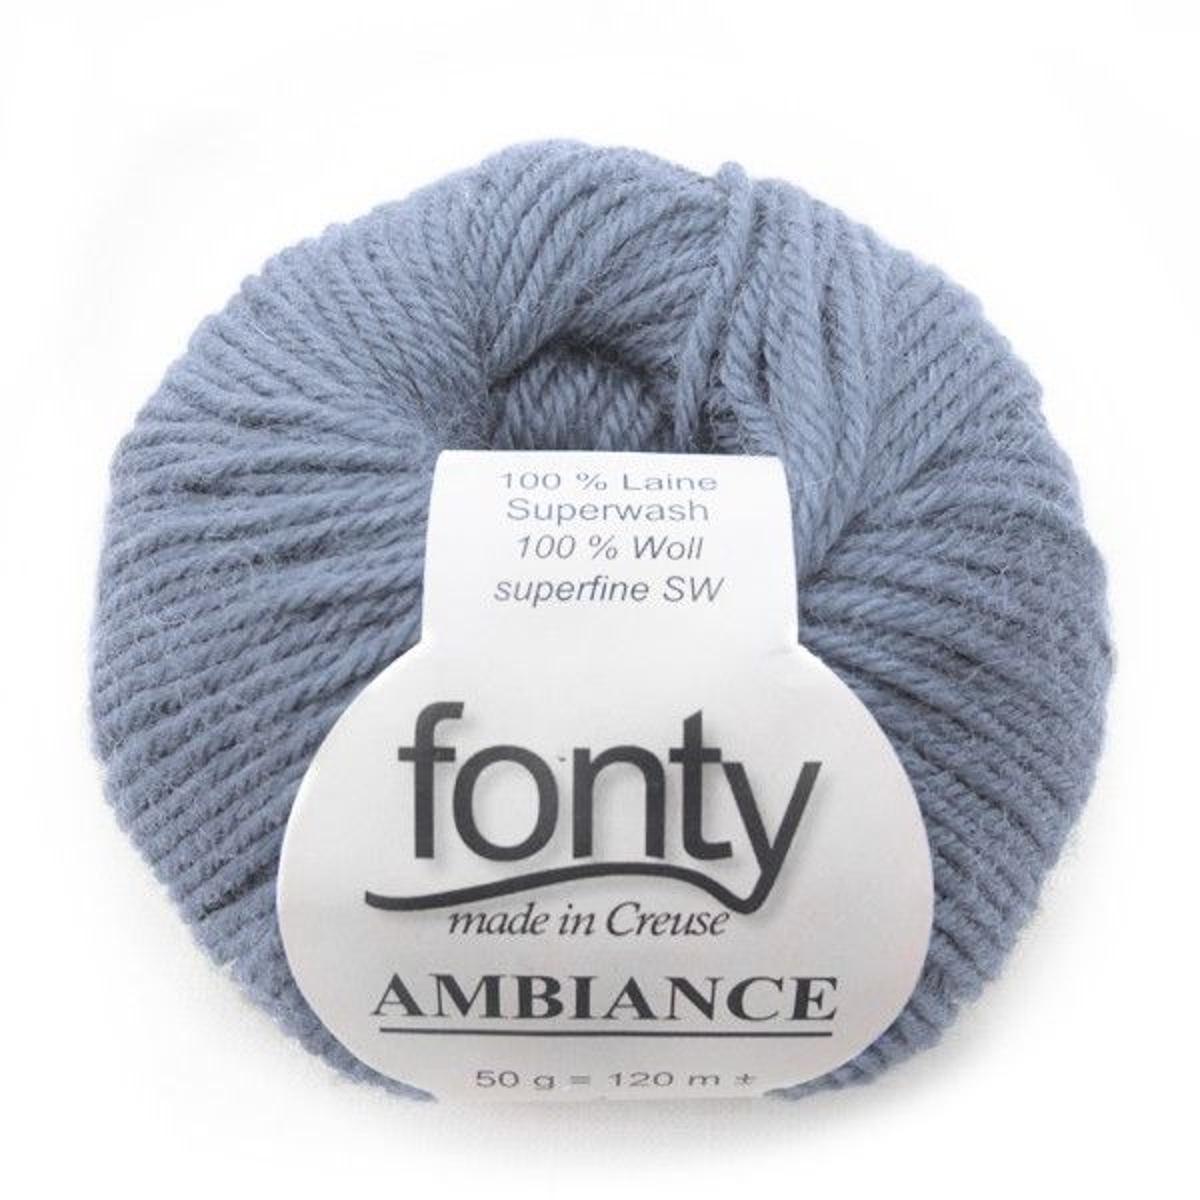 Laine à Tricoter Ambiance De Fonty, Col. Horizon 314